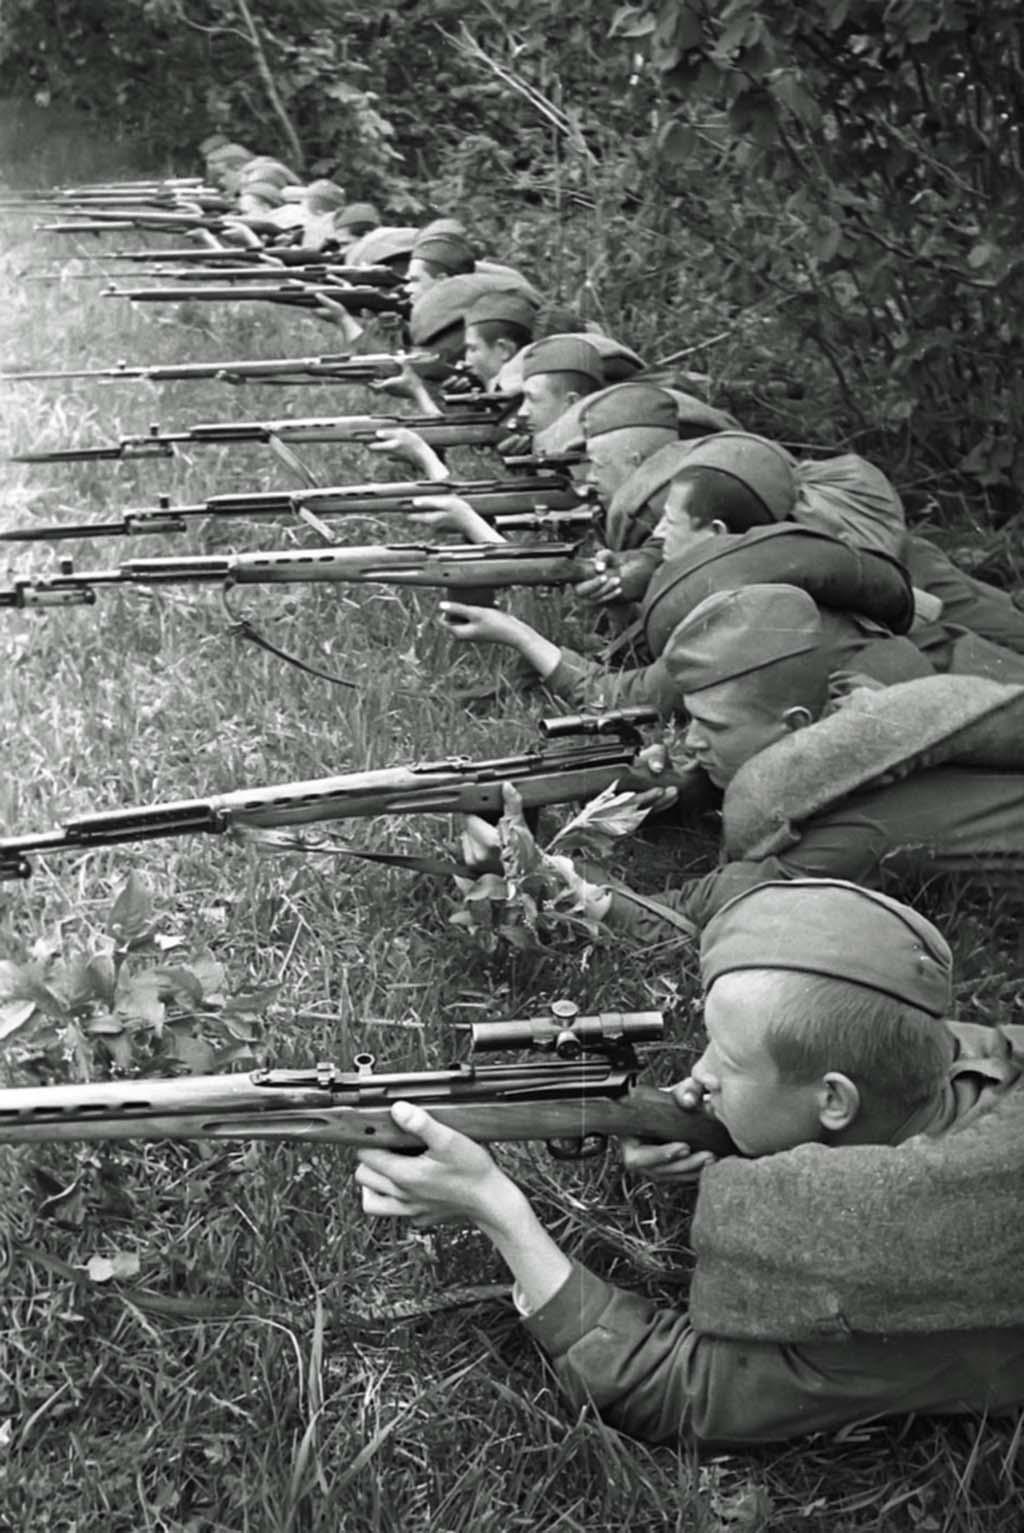 Soviet snipers